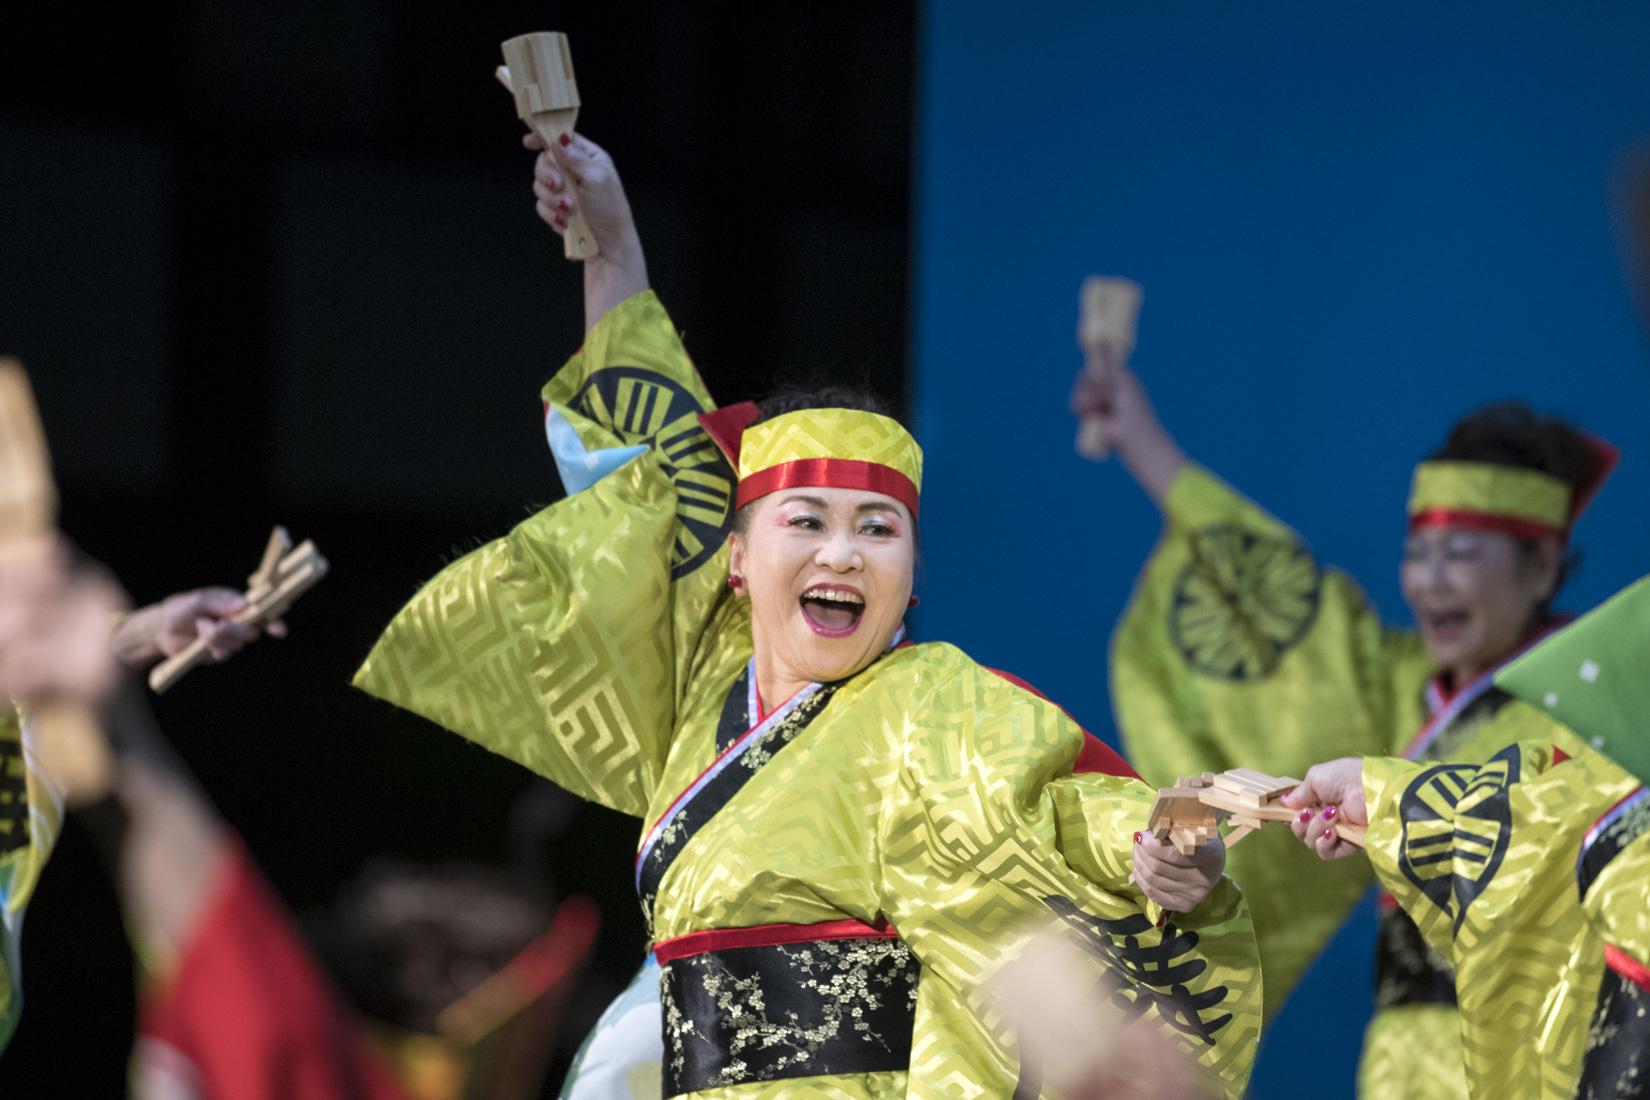 2019 ラグビーワールドカップ『遠州鳴子浪漫』その2_f0184198_16574831.jpg